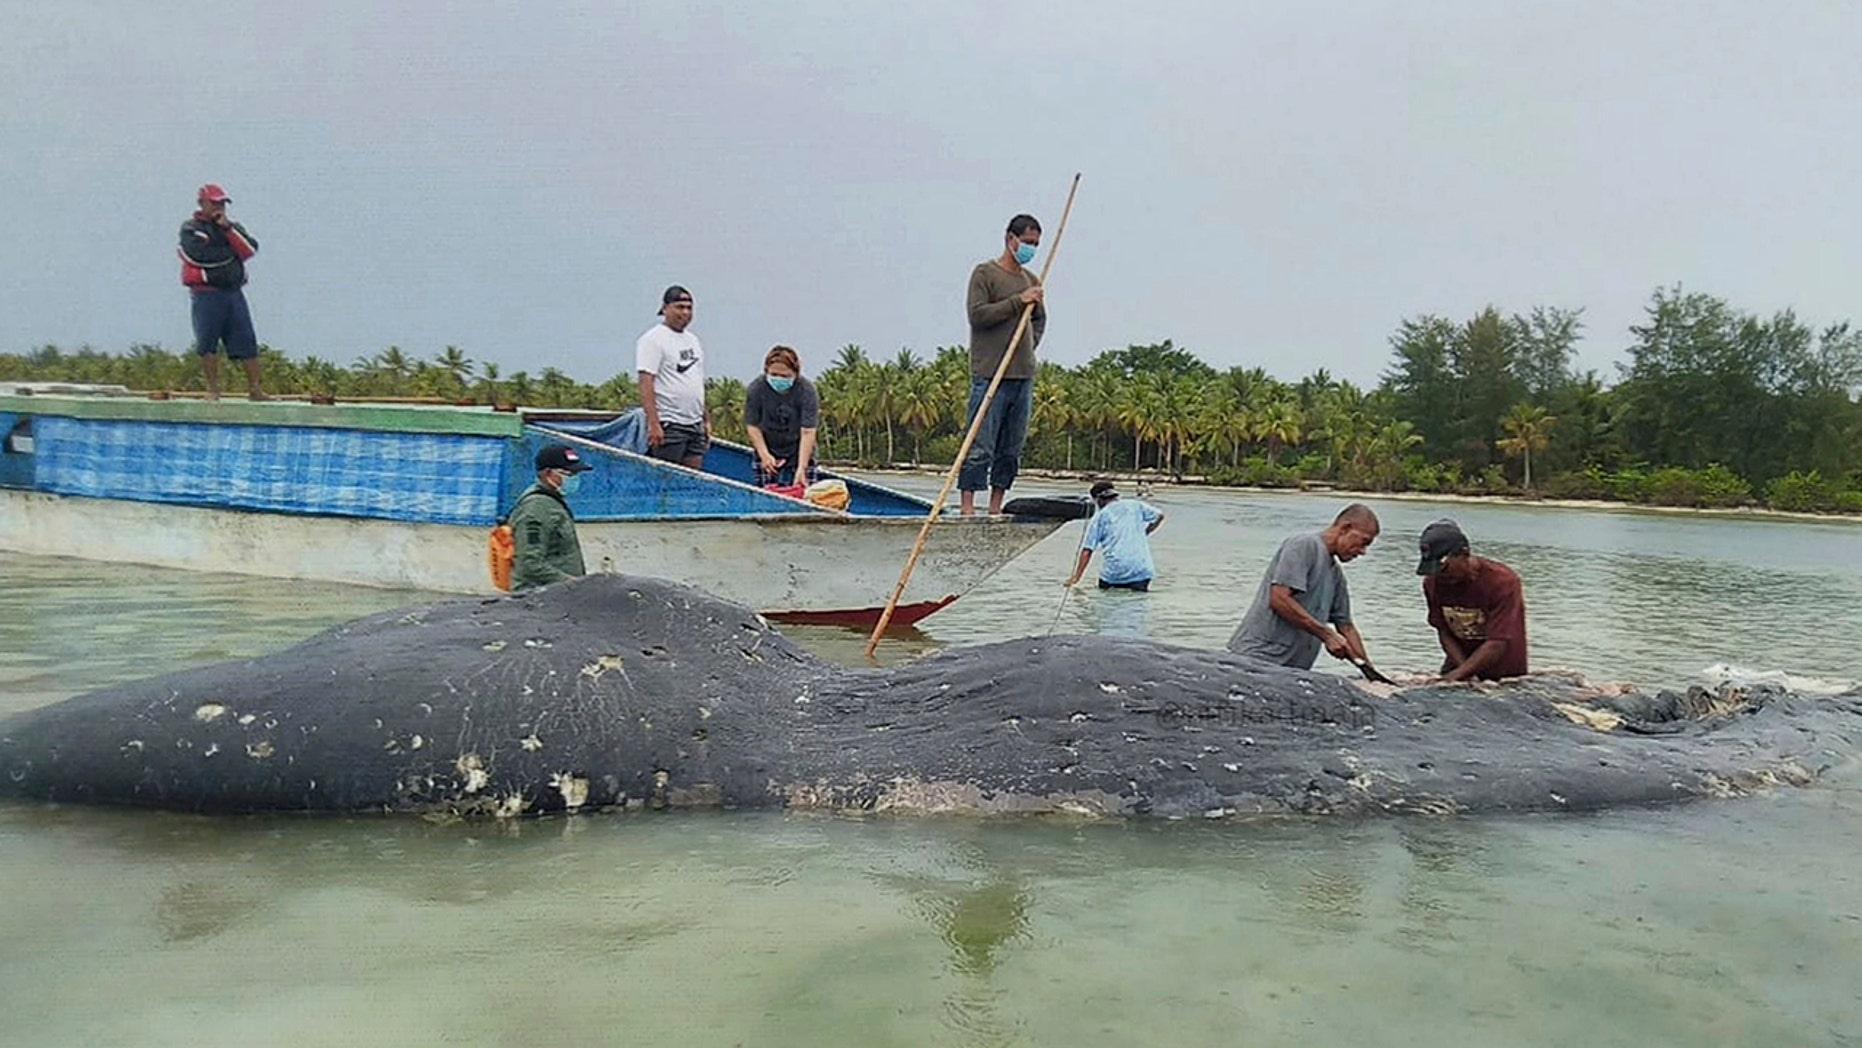 n this undated photo released by Akademi Komunitas Kelautan dan Perikanan Wakatobi (Wakatobi Marine and Fisheries Community Academy or AKKP Wakatobi), researchers collect samples from the carcass of a beached whale at Wakatobi National Park in Southeast Sulawesi, Indonesia.